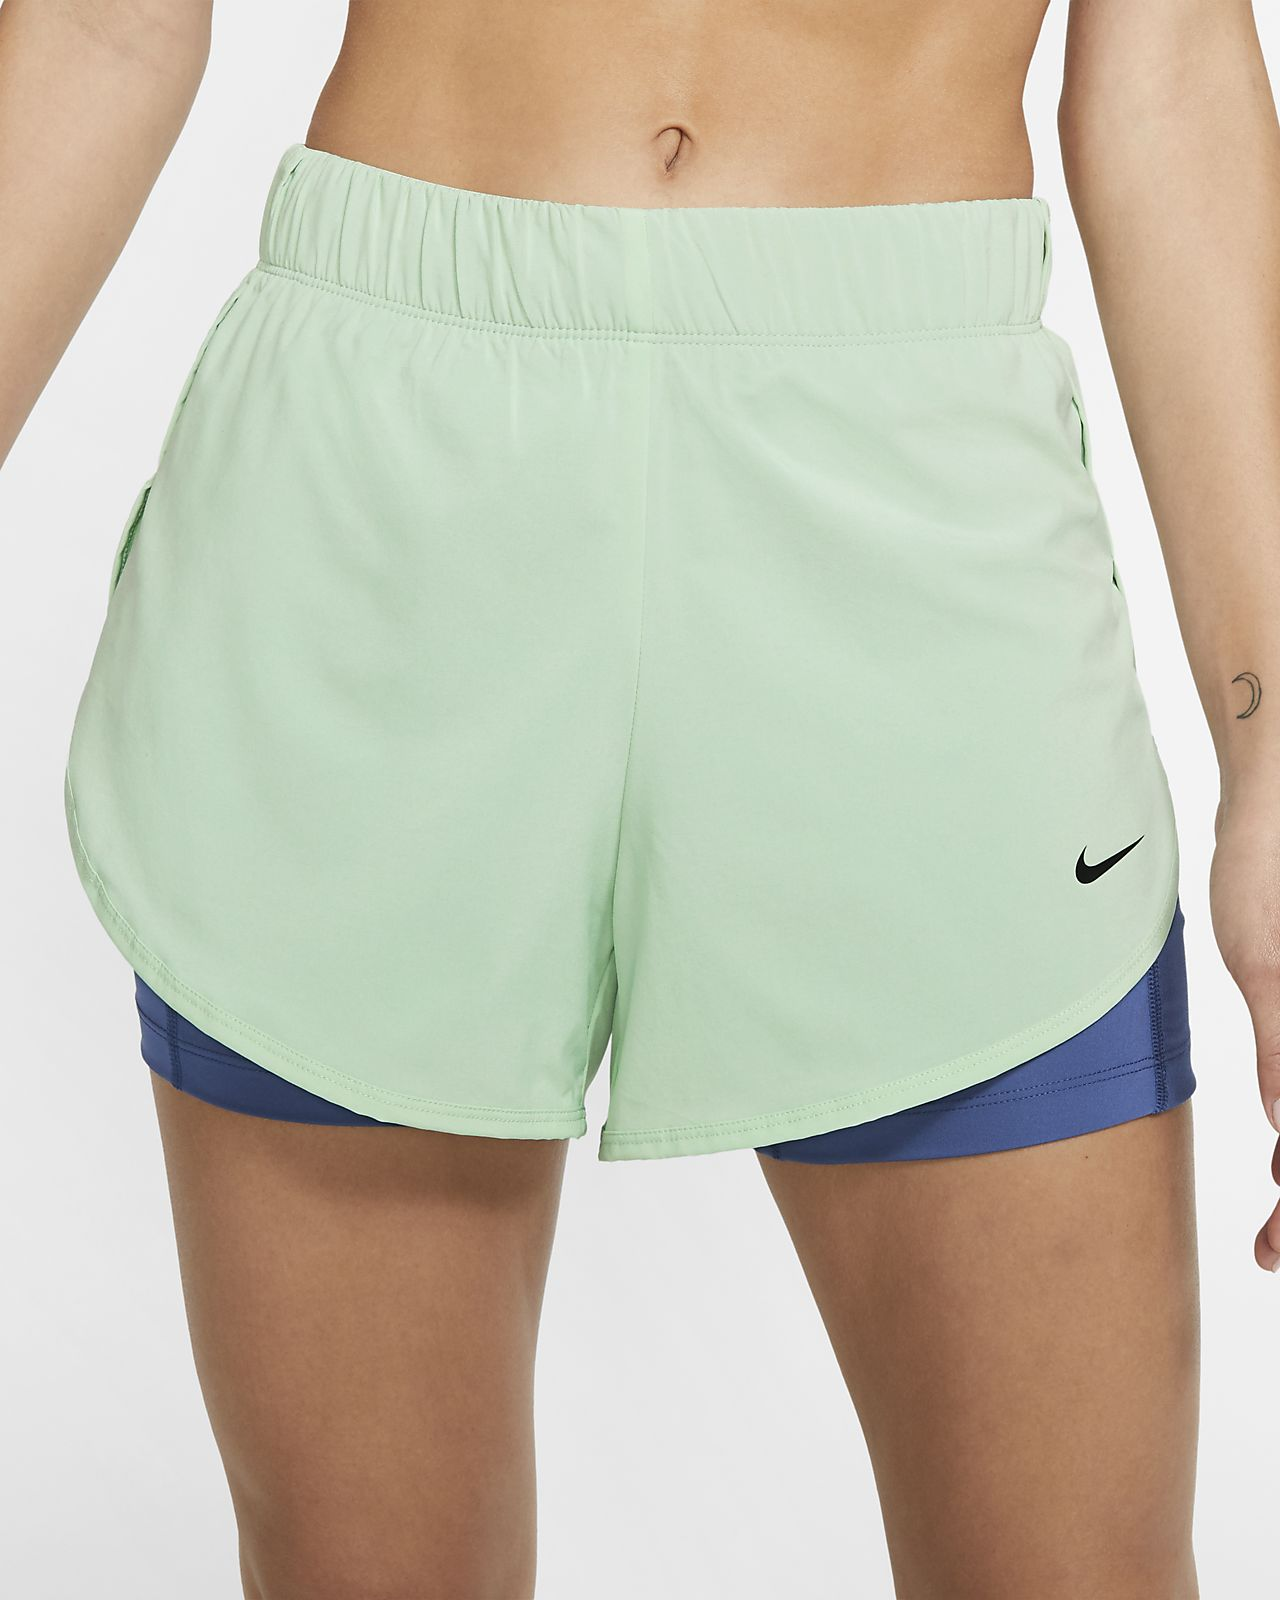 Nike Flex Pantalons curts d'entrenament 2 en 1 - Dona